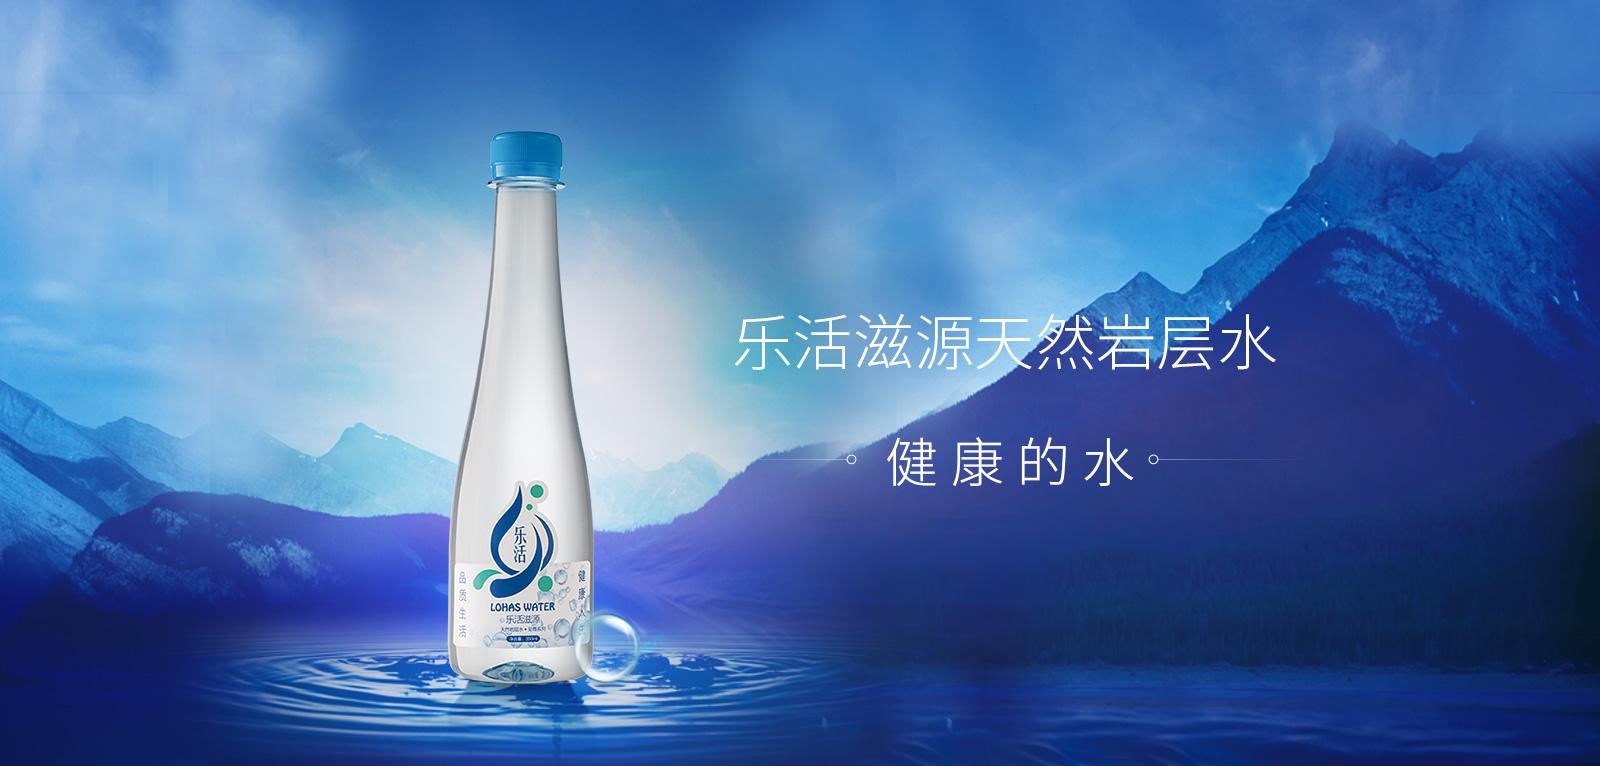 溢泰生物科技(上海)有限公司